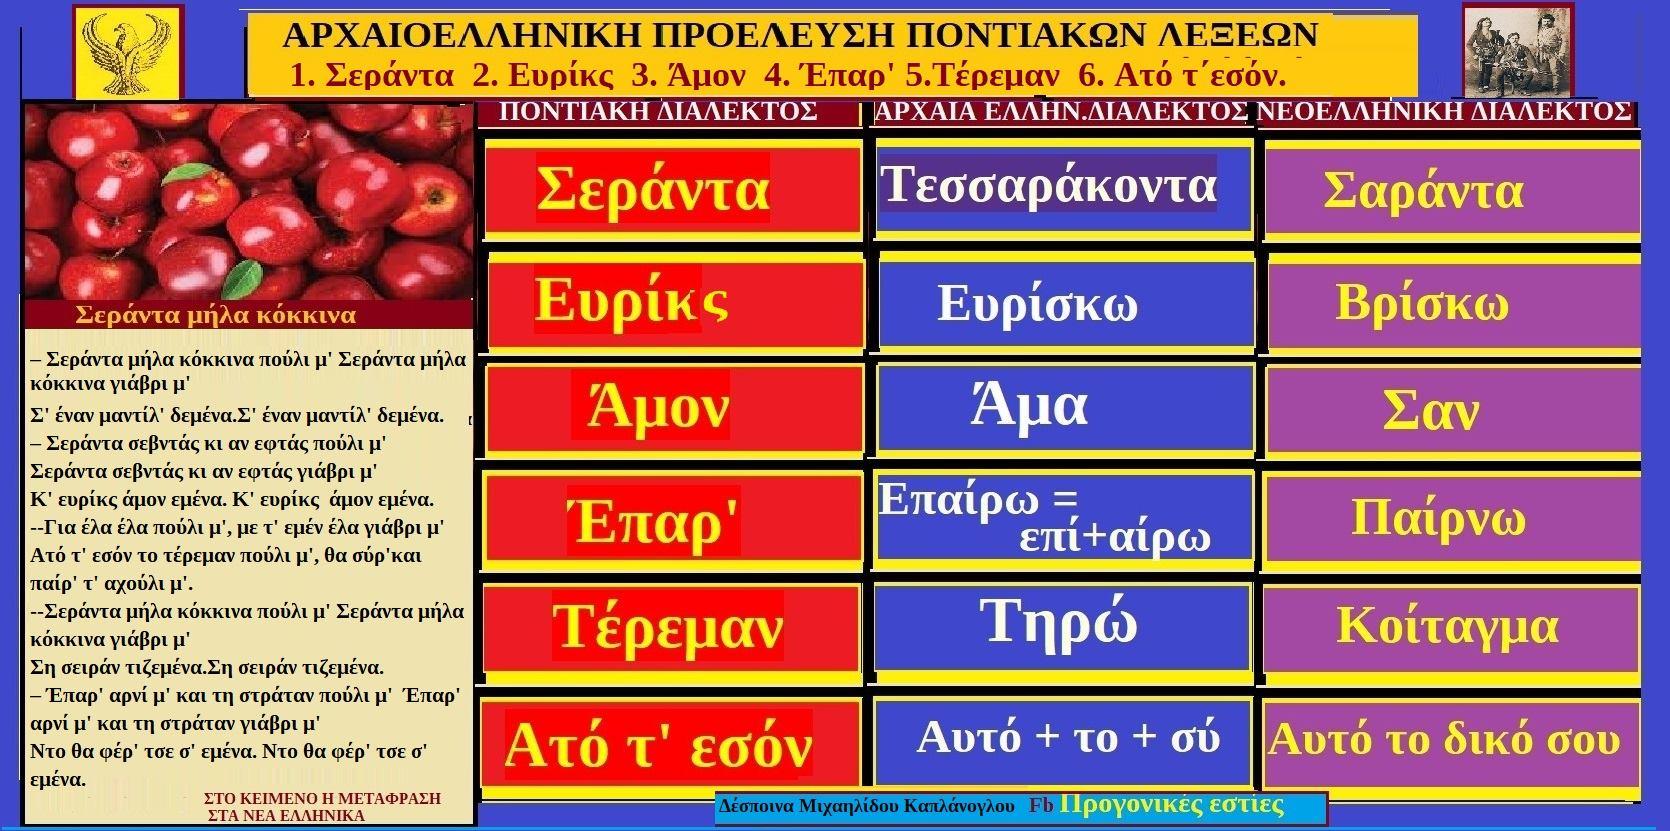 ΛΕΞΕΙΣ ΚΑΙ ΦΡΑΣΕΙΣ ΤΗΣ ΠΟΝΤΙΑΚΗΣ ΔΙΑΛΕΚΤΟΥ ΜΕ ΡΙΖΕΣ ΑΠΟ ΤΗΝ ΑΡΧΑΙΟΕΛΛΗΝΙΚΗ ΔΙΑΛΕΚΤΟ. 1.Σεράντα, 2. Ευρίκς, 3.Άμον, 4.Έπαρ', 5.Τέρεμαν, 6.Ατό τ΄εσόν. Δέσποινα Μιχαηλίδου- Καπλάνογλου.